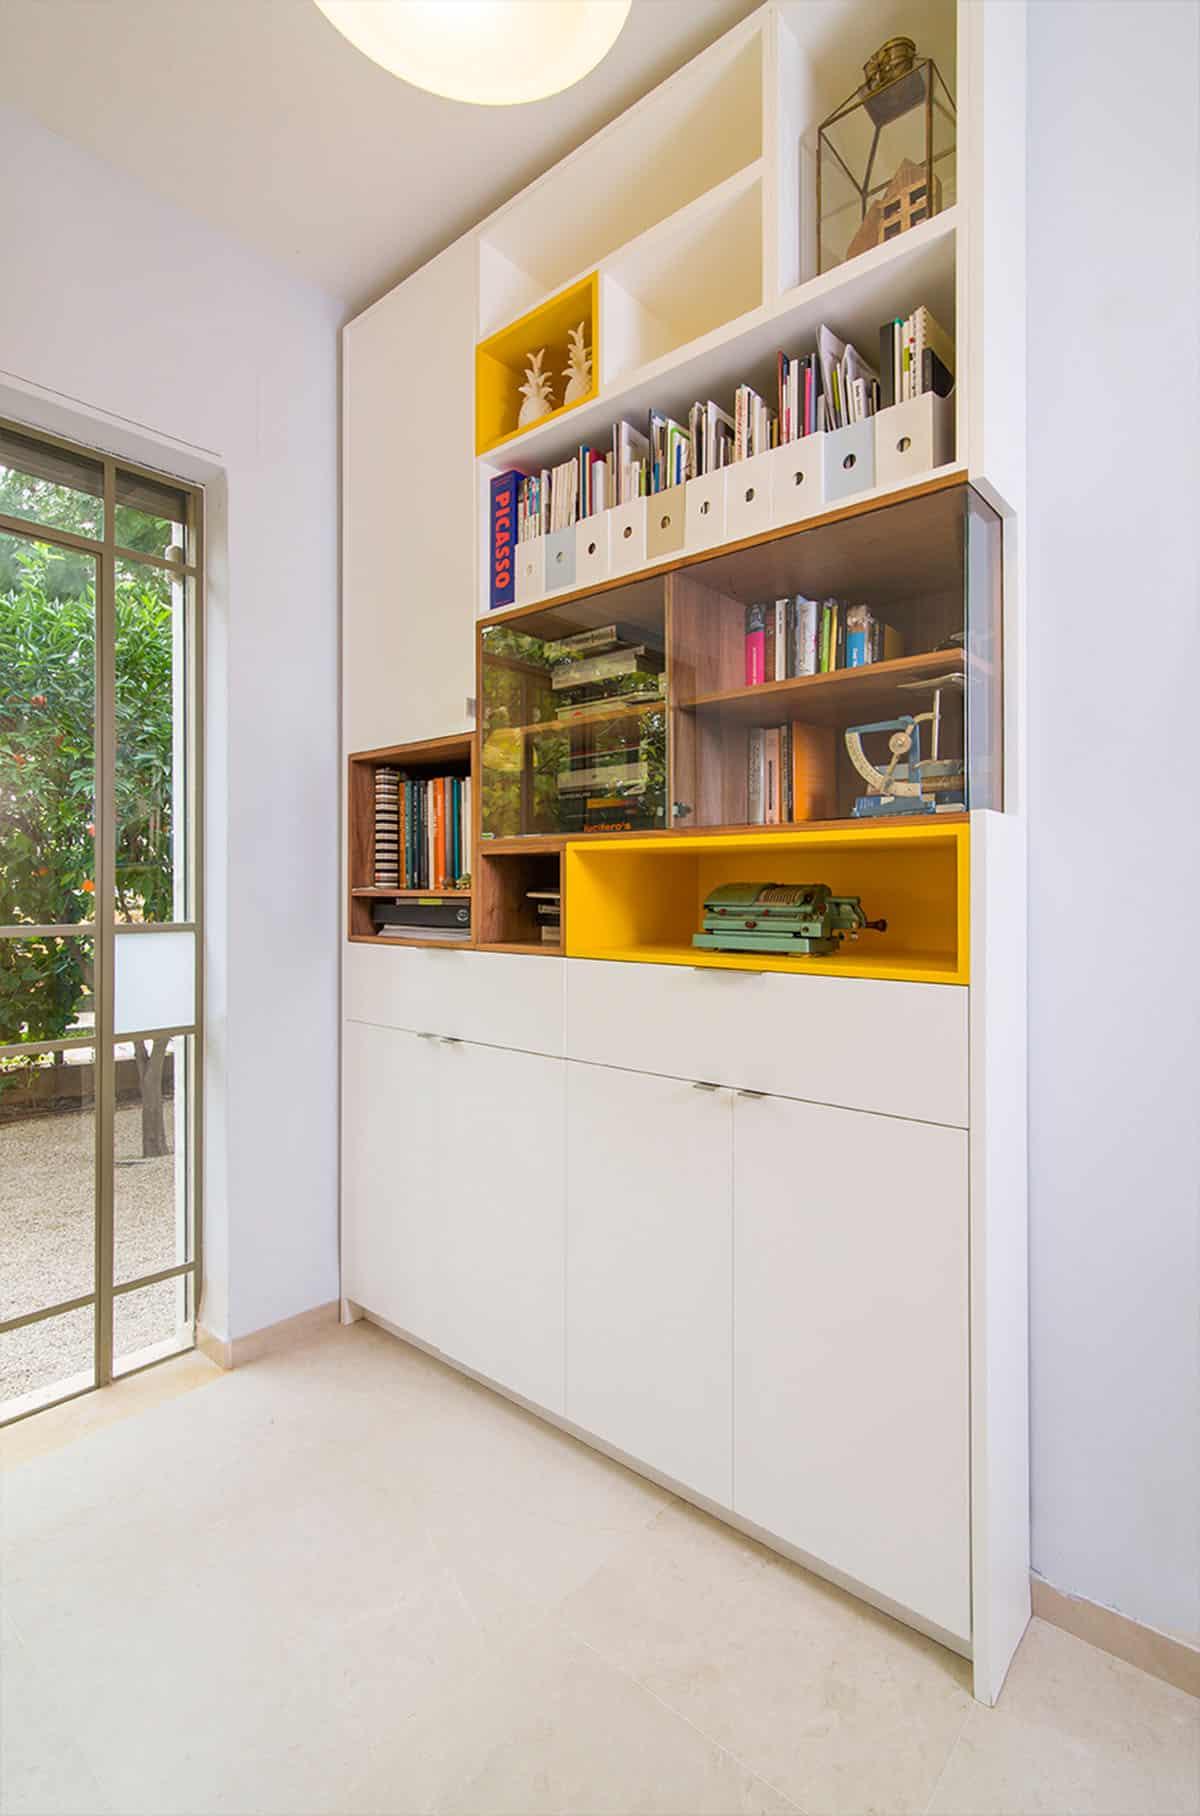 ספריה בבית פרטי בעמק חפר - קוביות צבעוניות ודלתות זכוכית - שירית דרמן מעצבת פנים